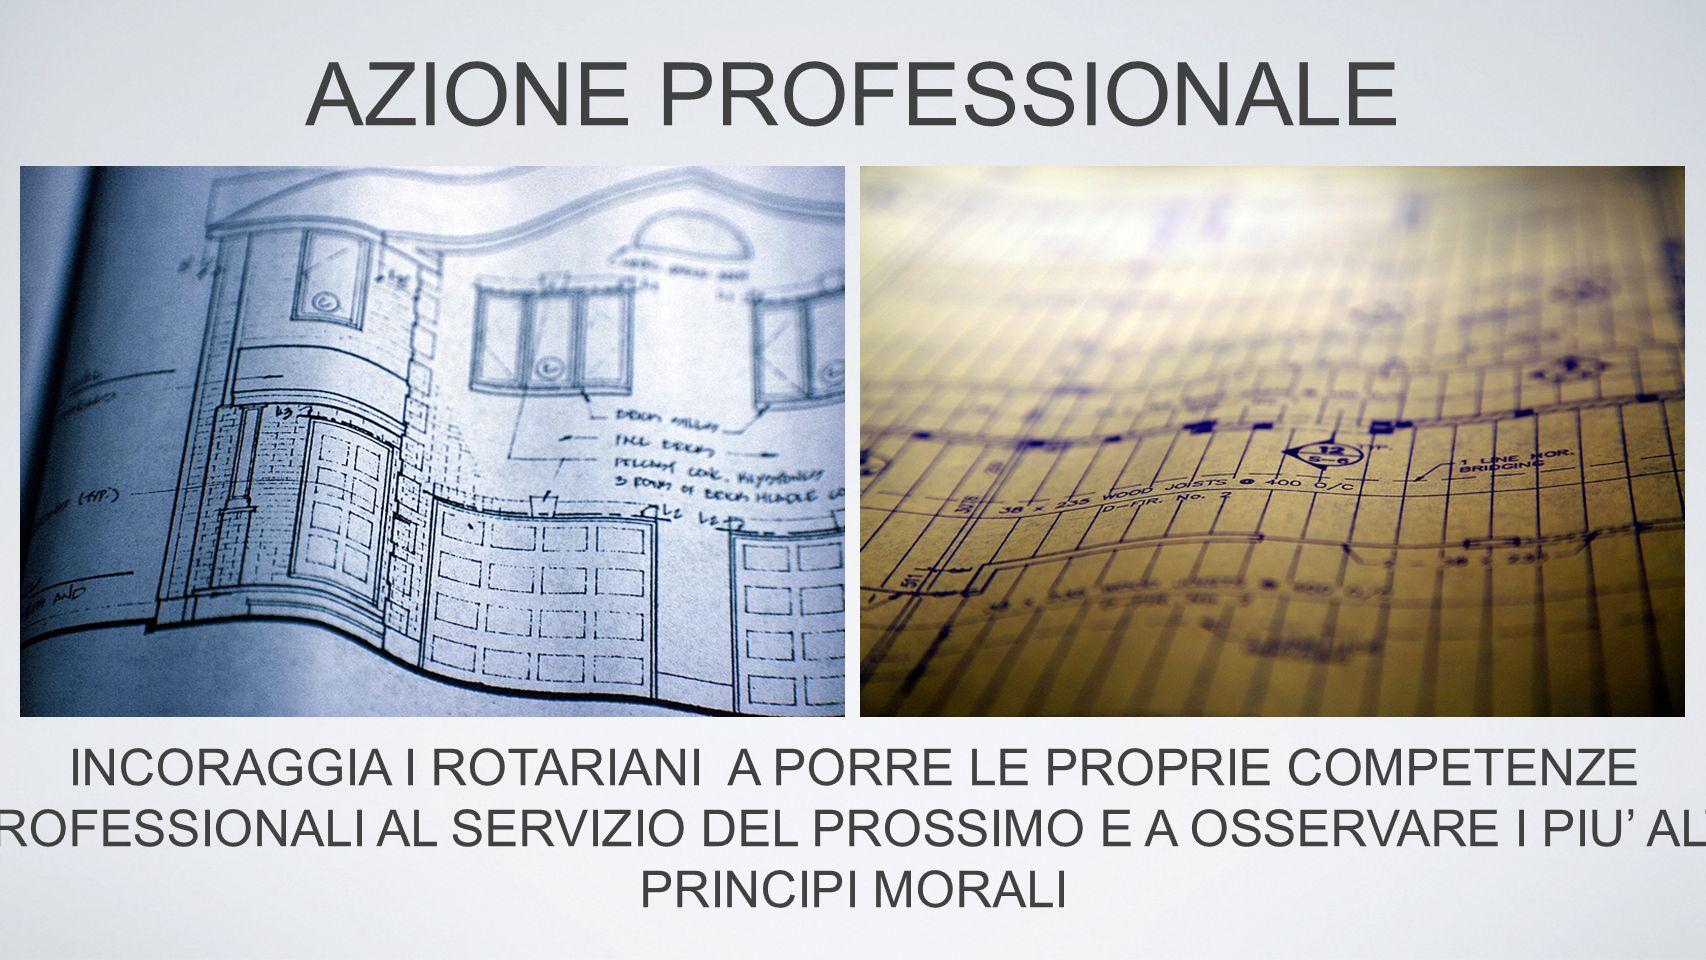 AZIONE PROFESSIONALE INCORAGGIA I ROTARIANI A PORRE LE PROPRIE COMPETENZE PROFESSIONALI AL SERVIZIO DEL PROSSIMO E A OSSERVARE I PIU' ALTI PRINCIPI MORALI